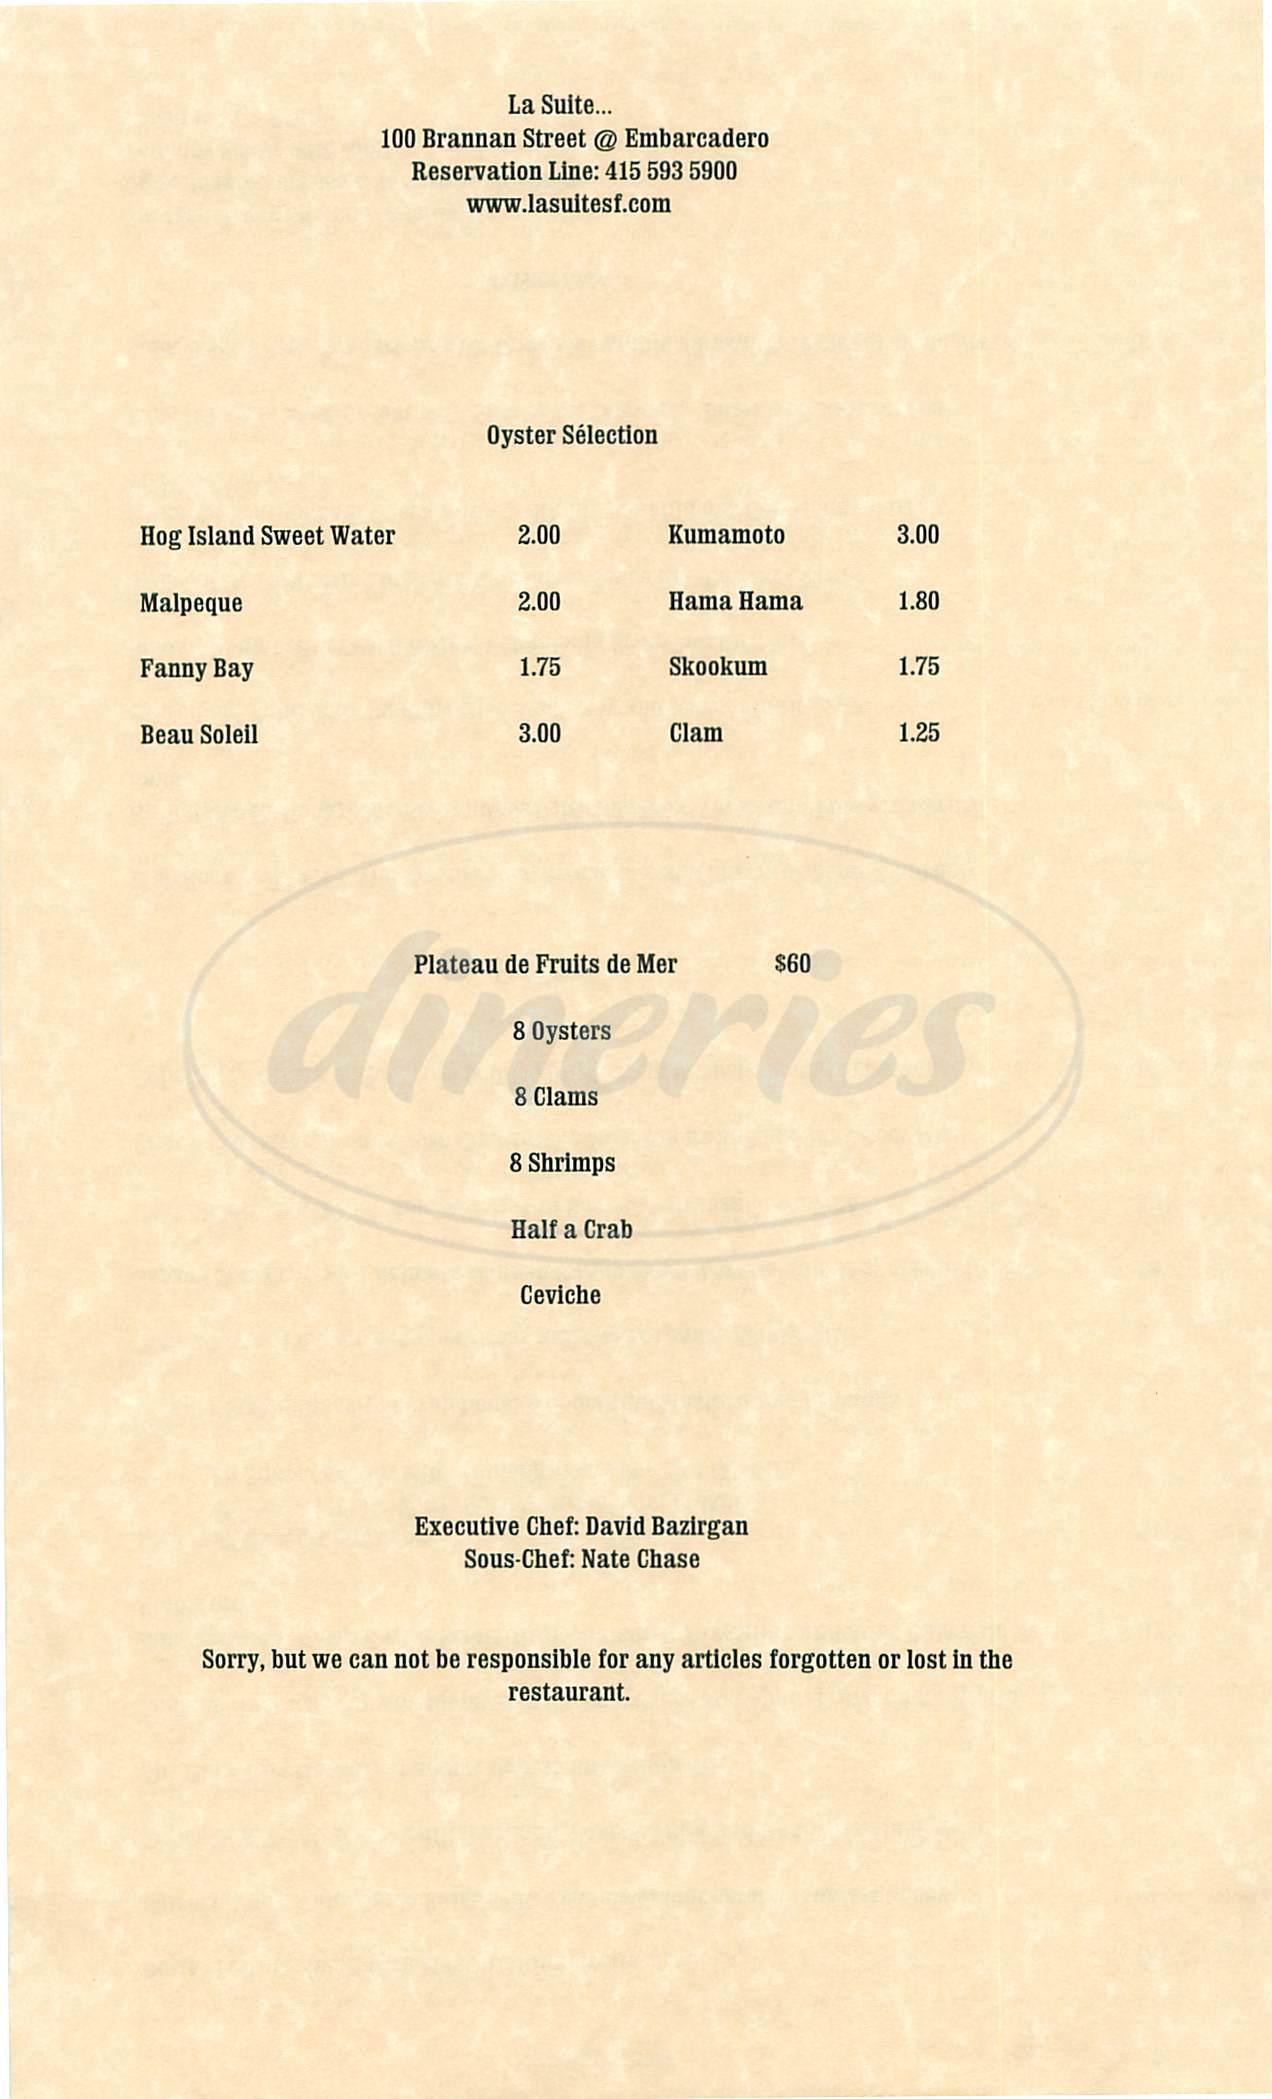 menu for La Suite